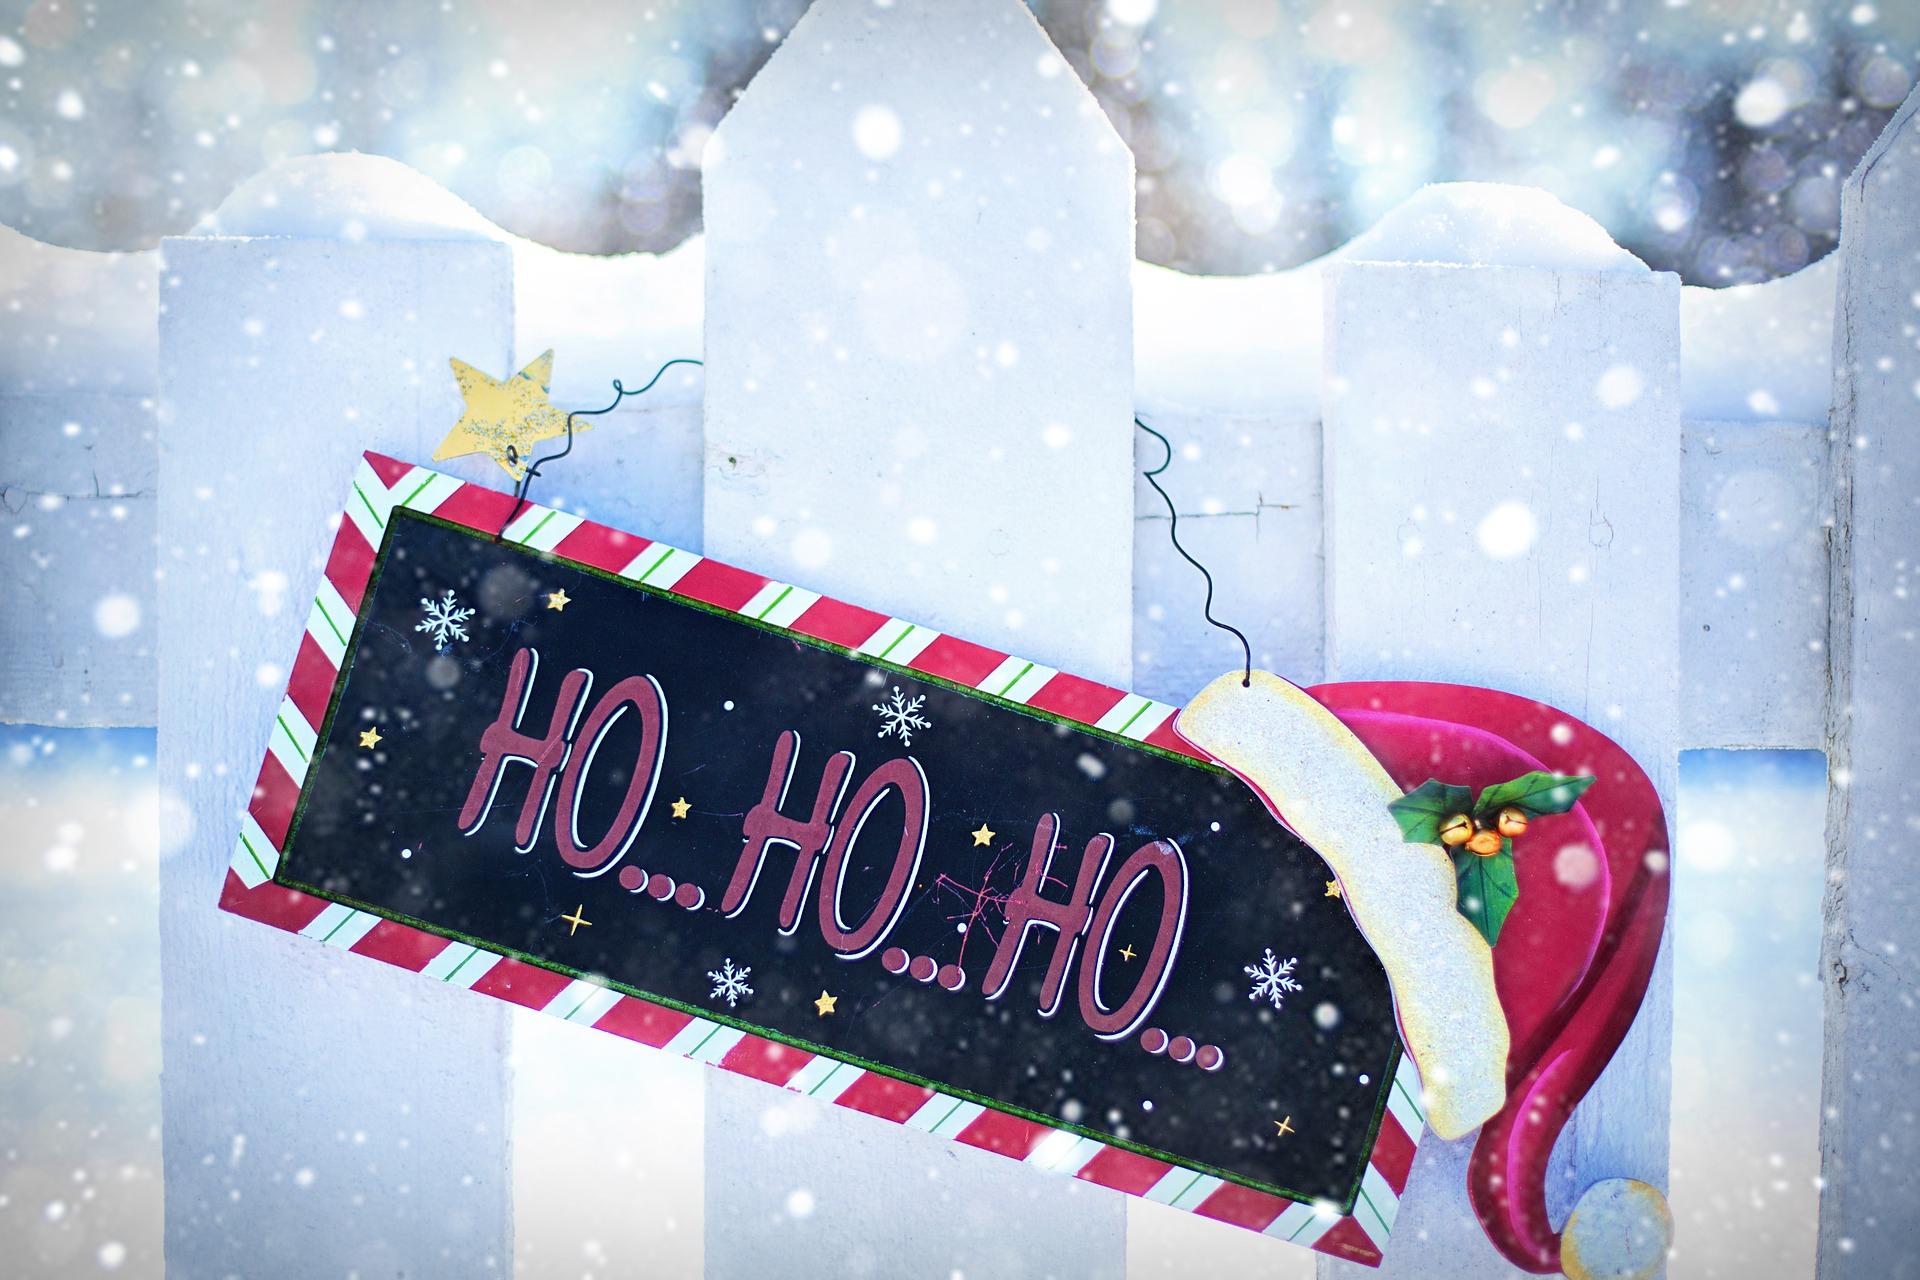 Weihnachtsgrußkarten Kostenlos Zum Herunterladen innen Weihnachtskarte Online Kostenlos